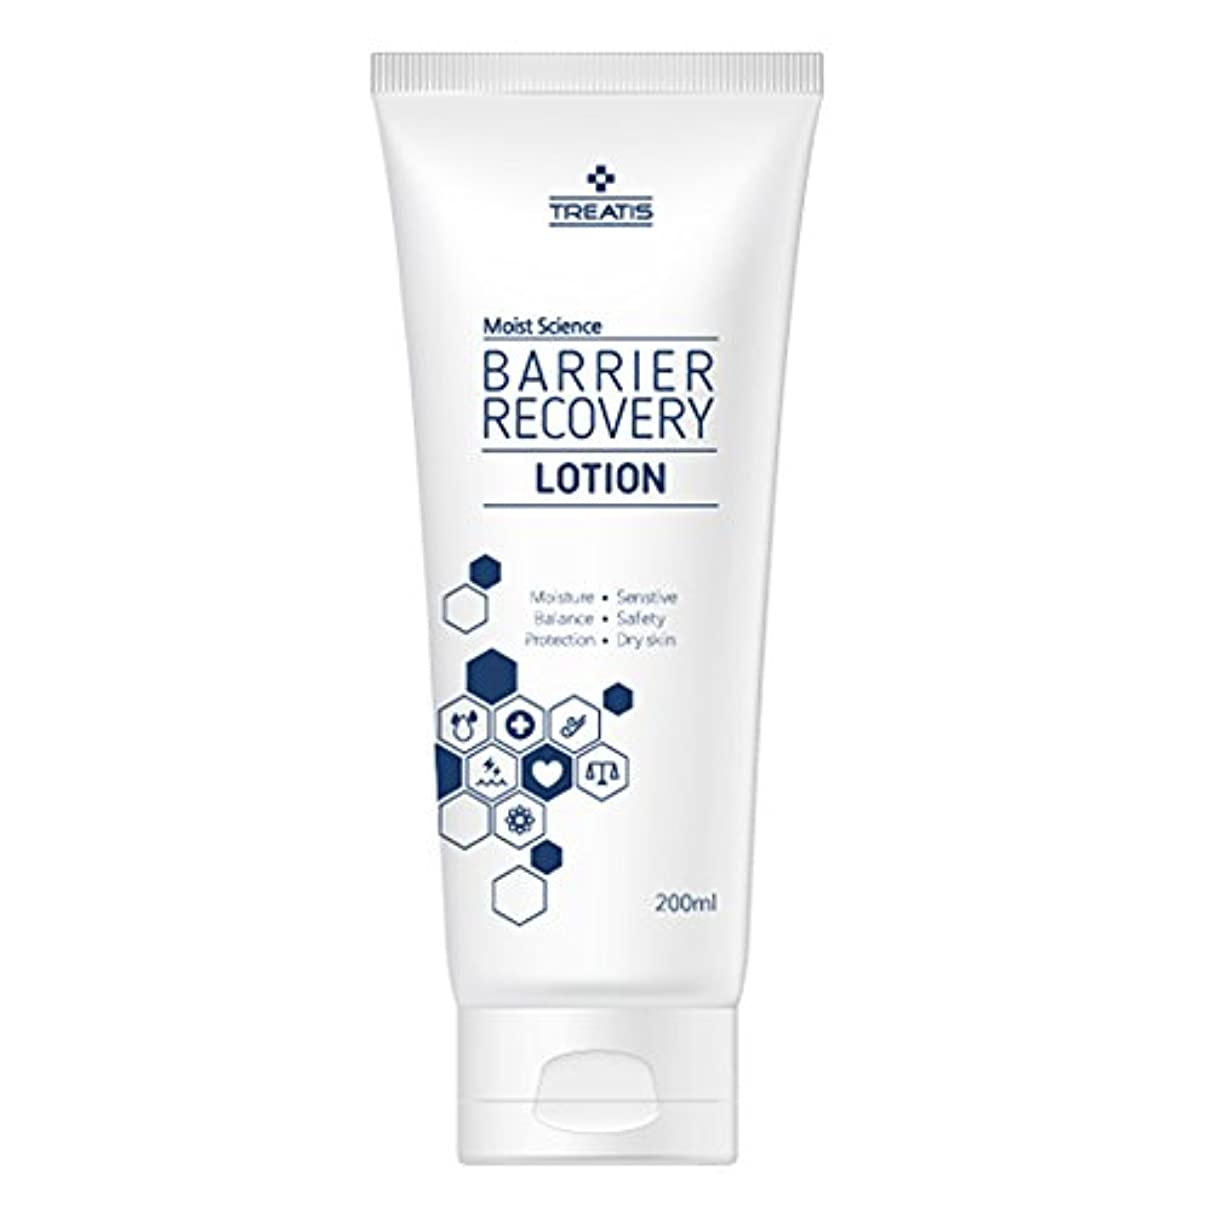 冷笑する動揺させる退屈なTreatis barrier recovery lotion 7oz (200ml)/Moisture, Senstive, Balance, Safty, Protection, Dry skin [並行輸入品]